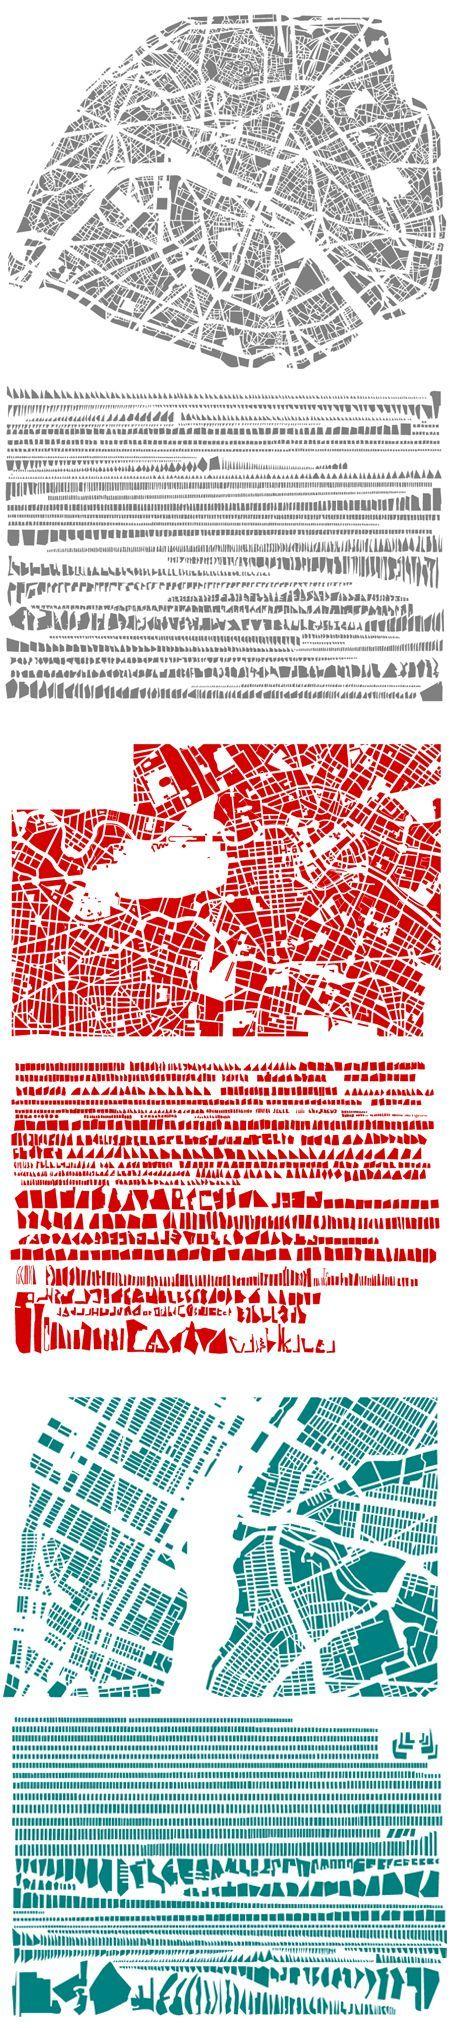 Descontruindo quadras! Paris | Berlin | New York: